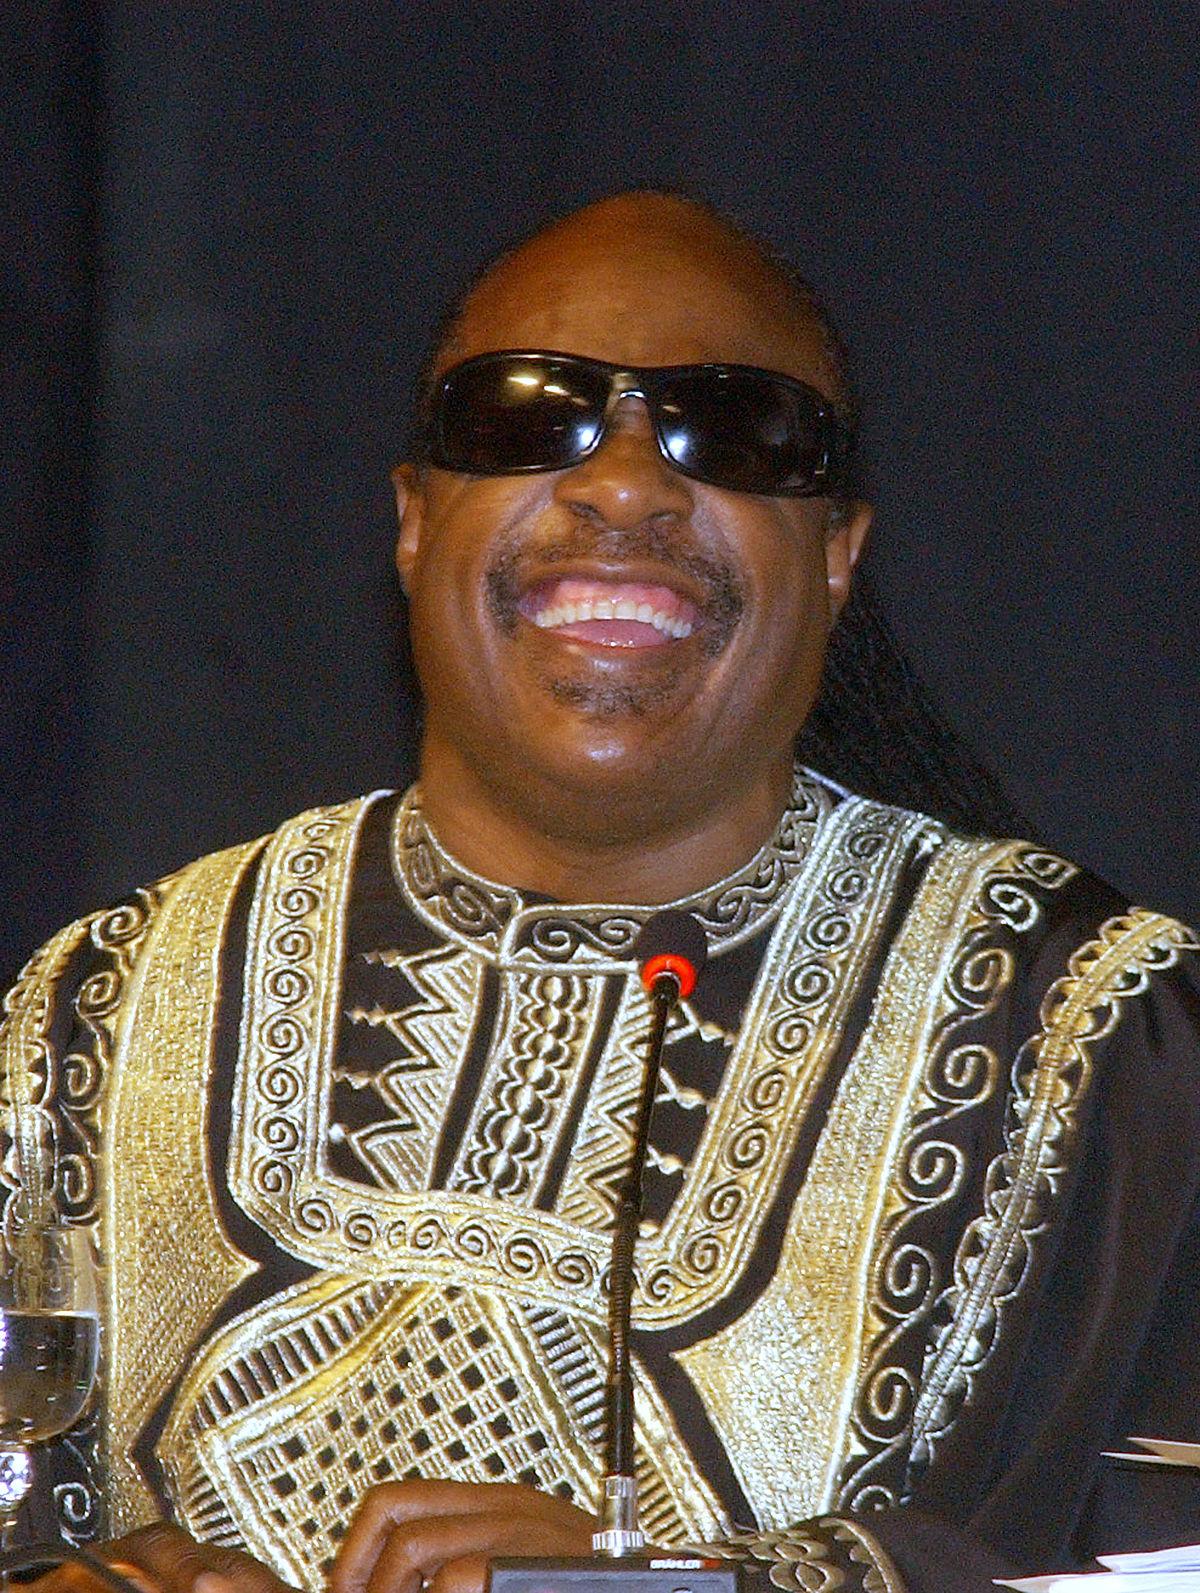 Stevie Wonder - Songs In The Key Of Life 2